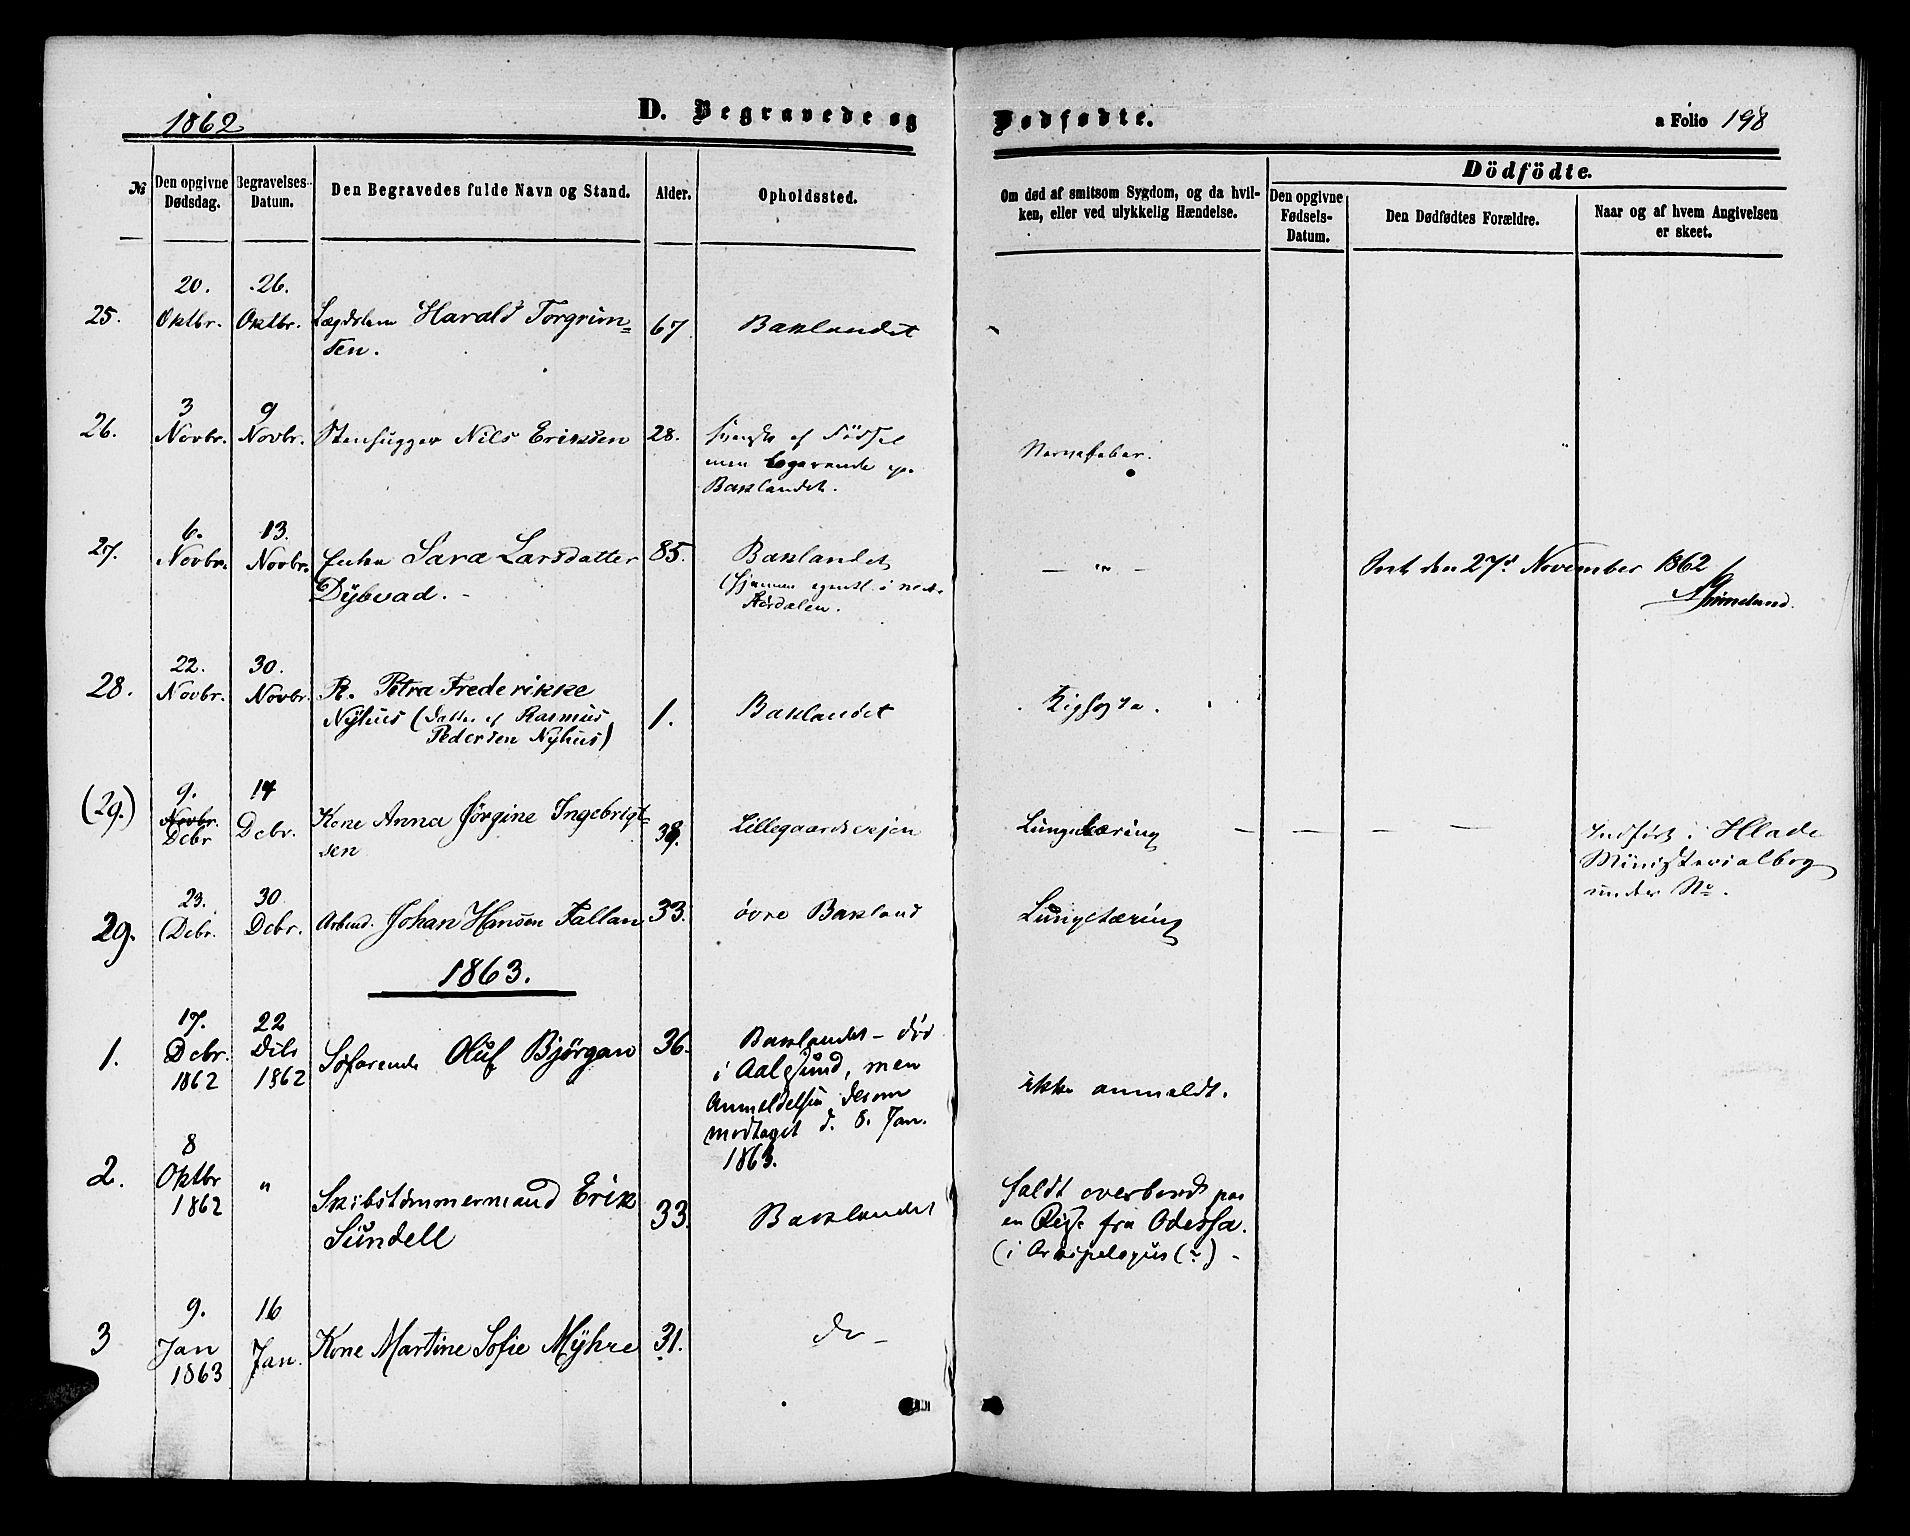 SAT, Ministerialprotokoller, klokkerbøker og fødselsregistre - Sør-Trøndelag, 604/L0185: Ministerialbok nr. 604A06, 1861-1865, s. 198